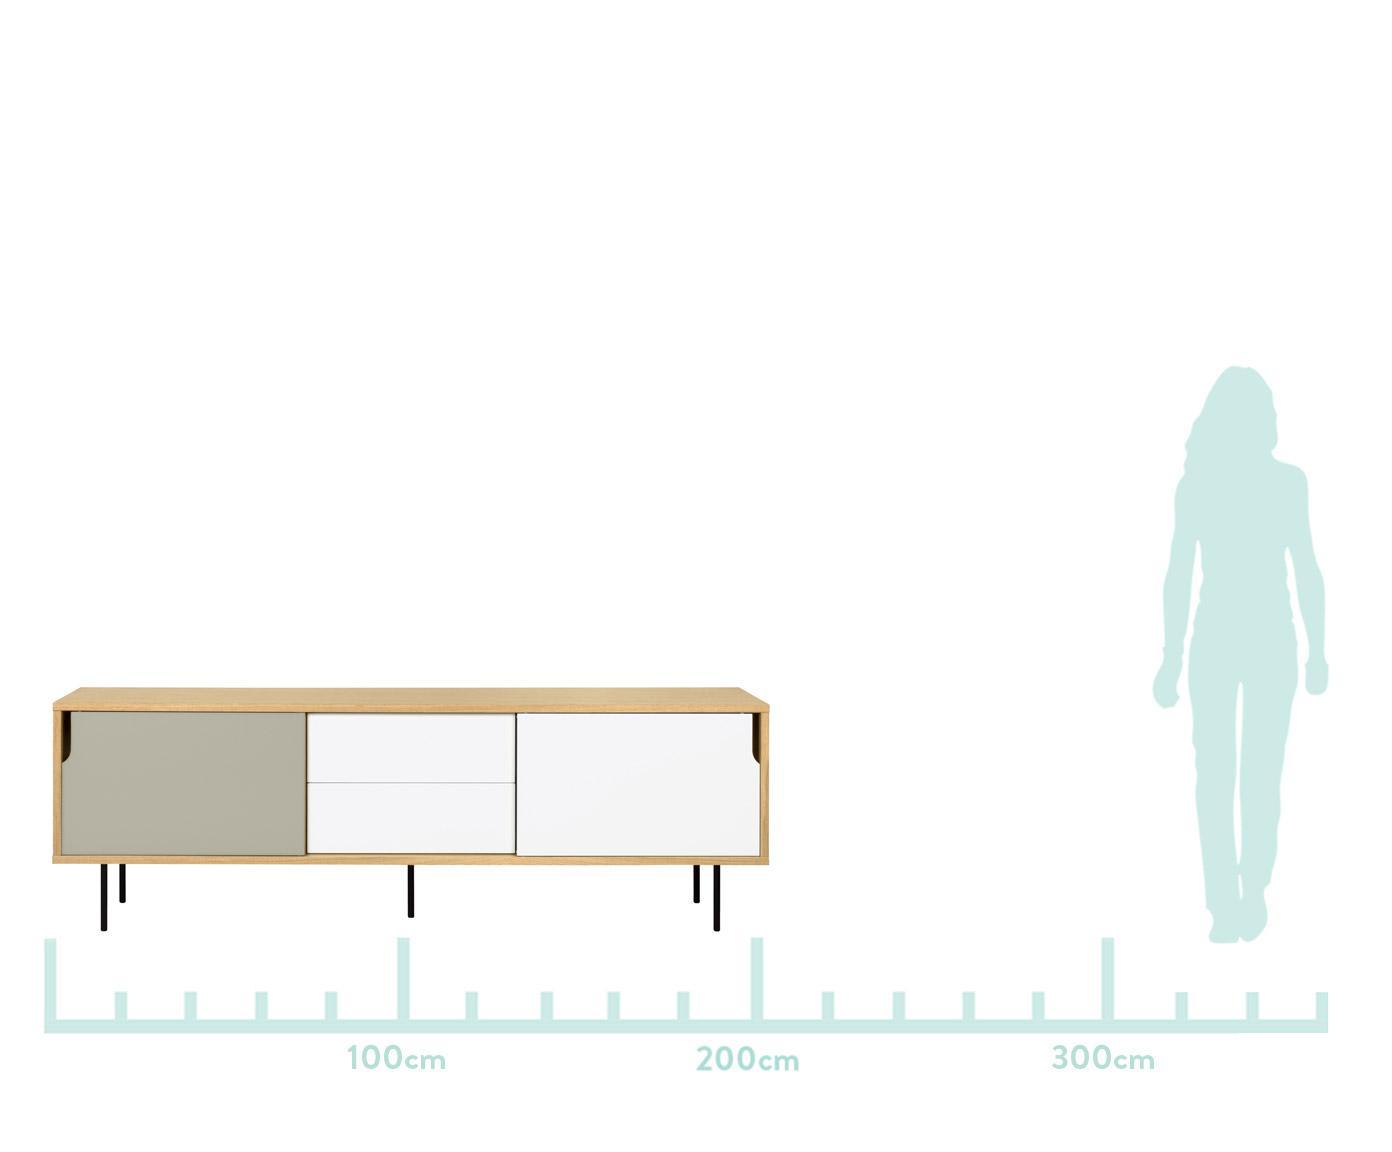 Komoda scandi Danny, Korpus: płyta o strukturze plastr, Nogi: stal lakierowana, Drewno dębowe, biały, szary, S 201 x W 65 cm